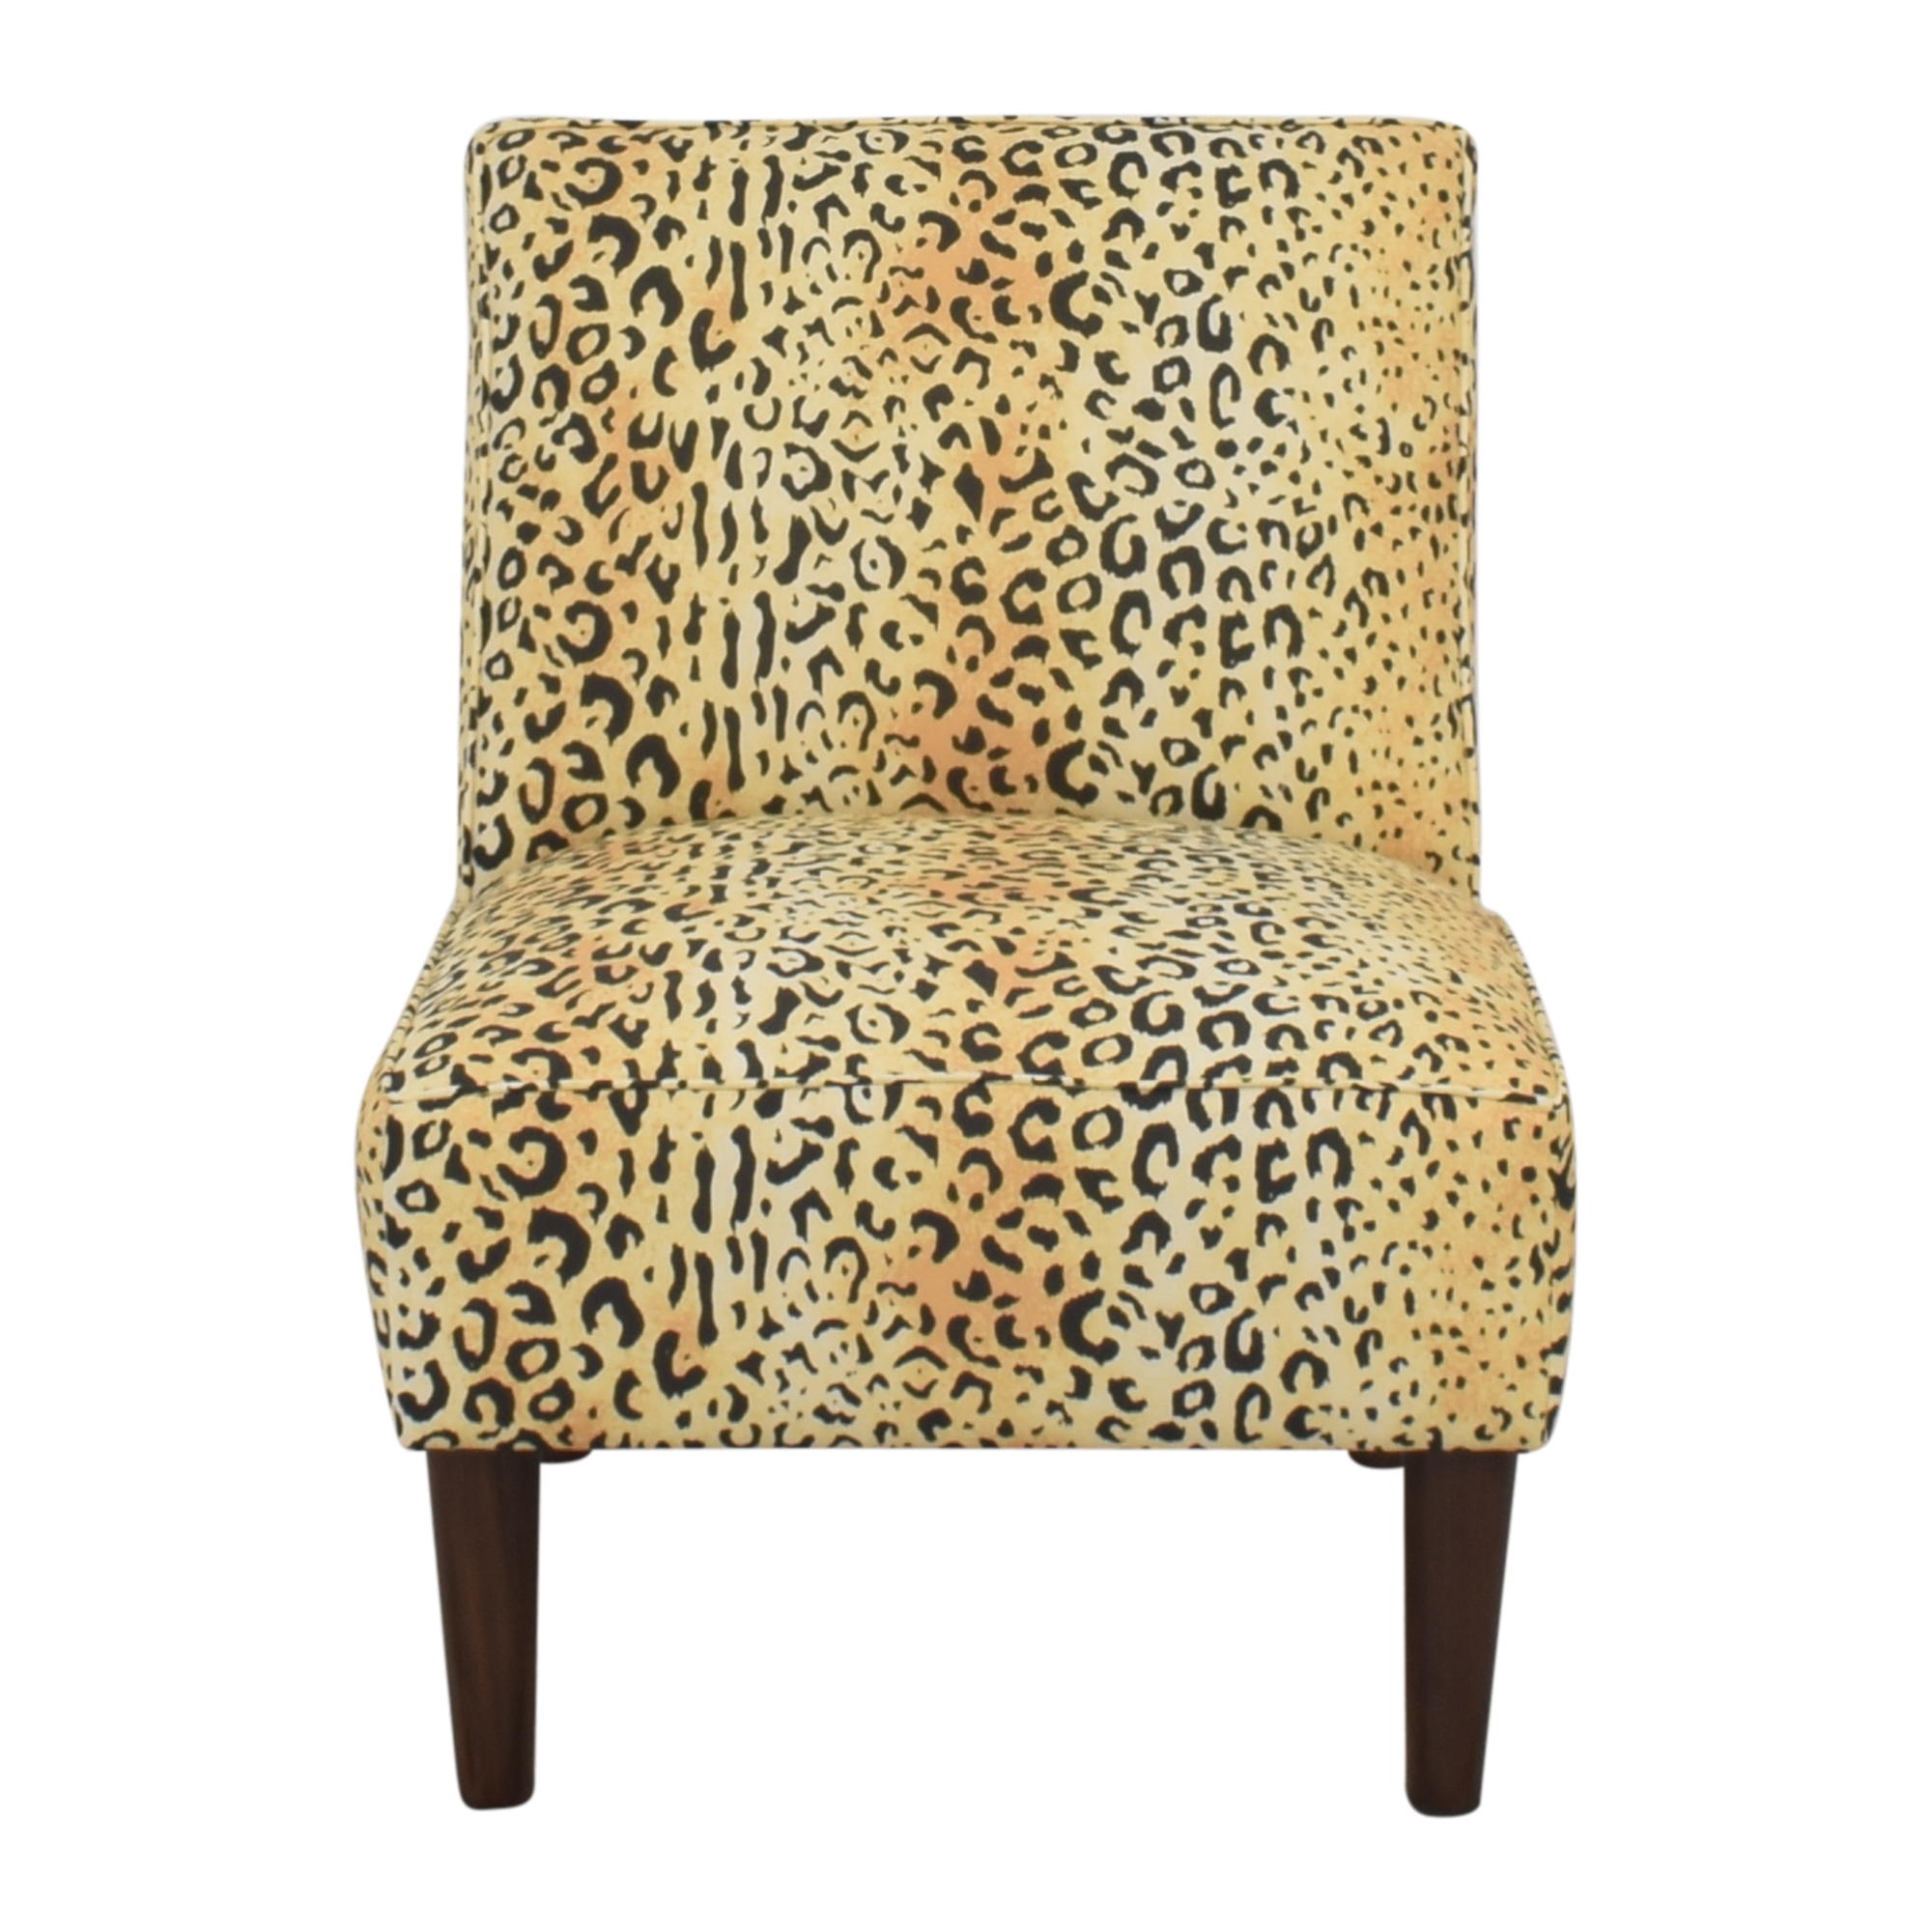 The Inside The Inside Slipper Chair tan